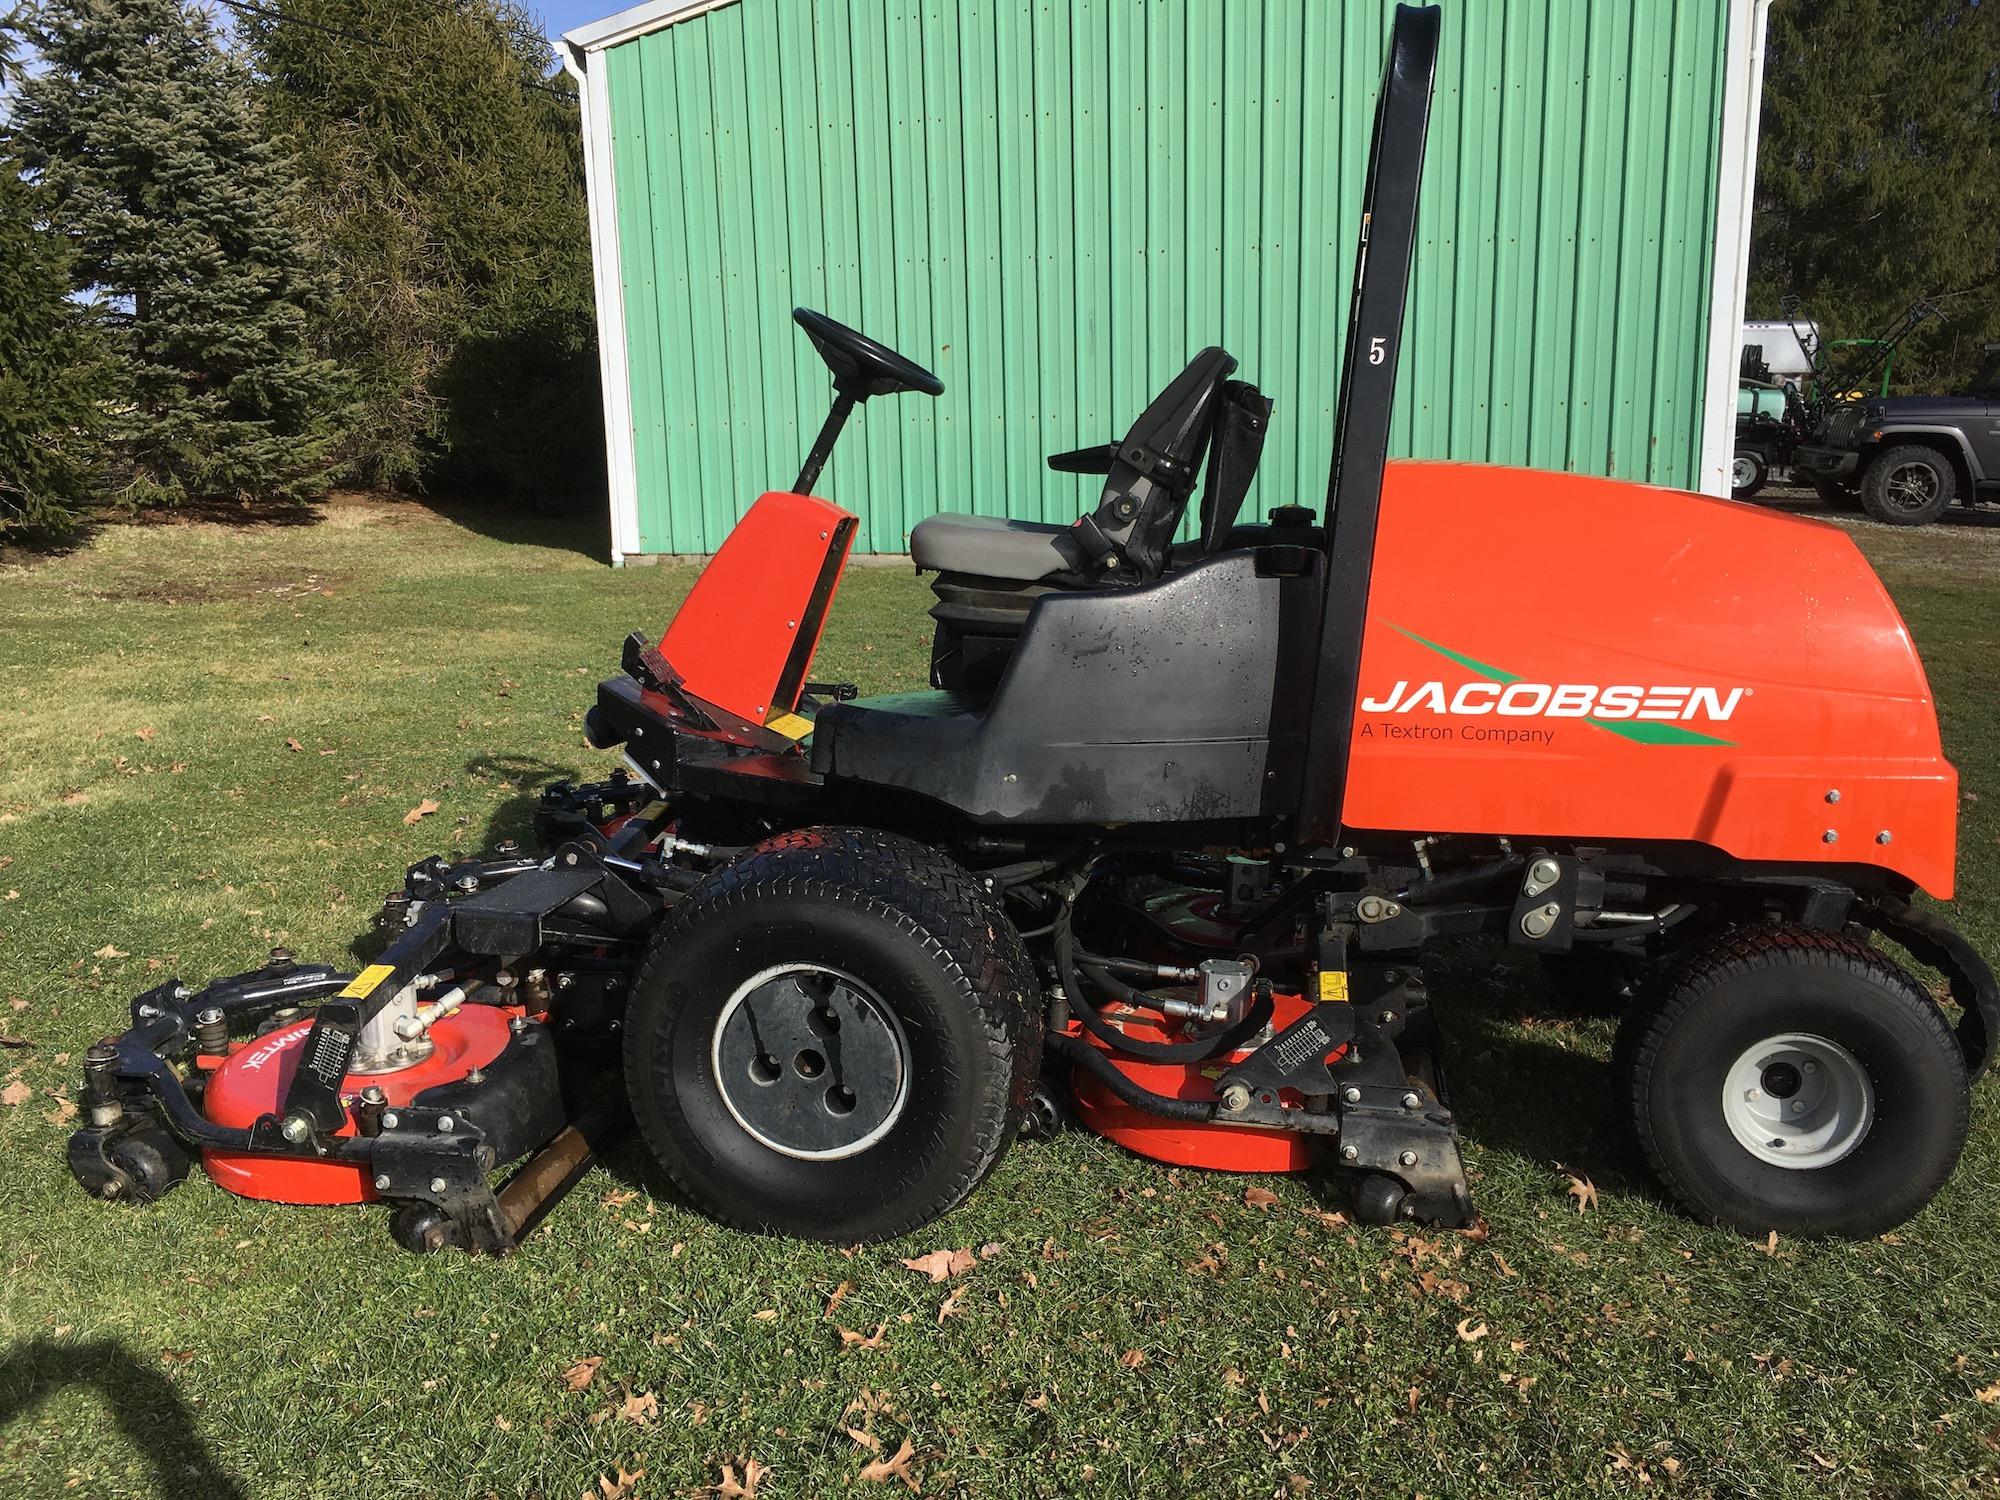 Jacobsen-AR522-RoughMower-2012-01